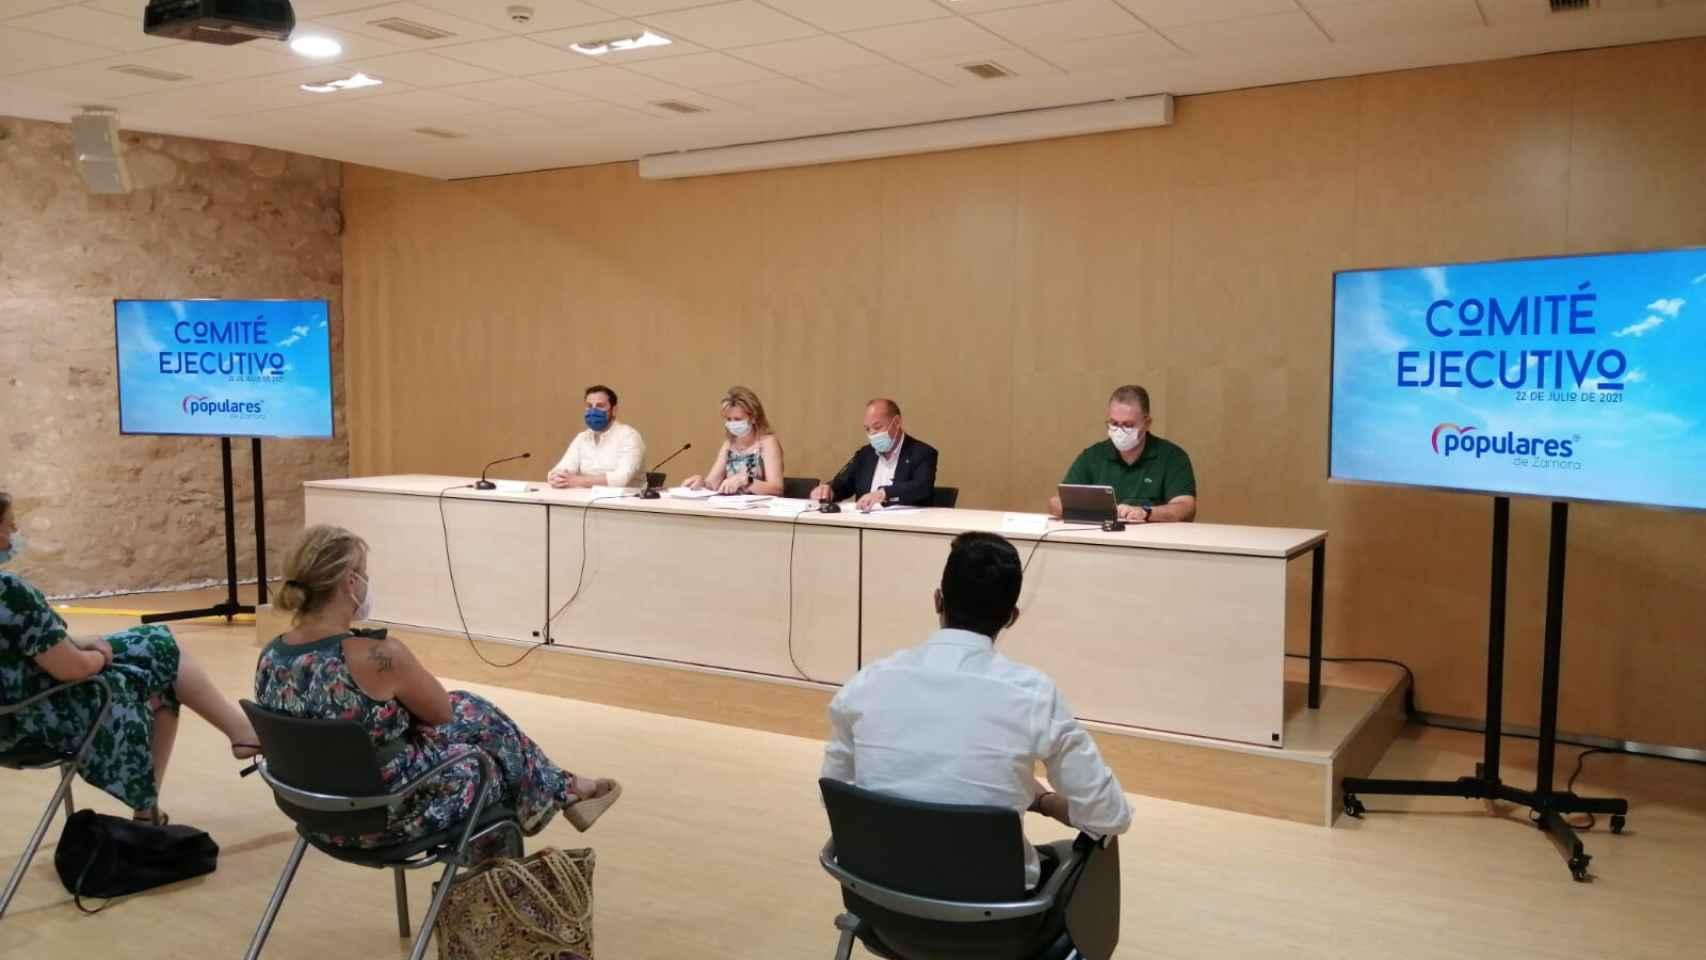 Celebrado el Comité Ejecutivo Provincial del PP en Zamora 1